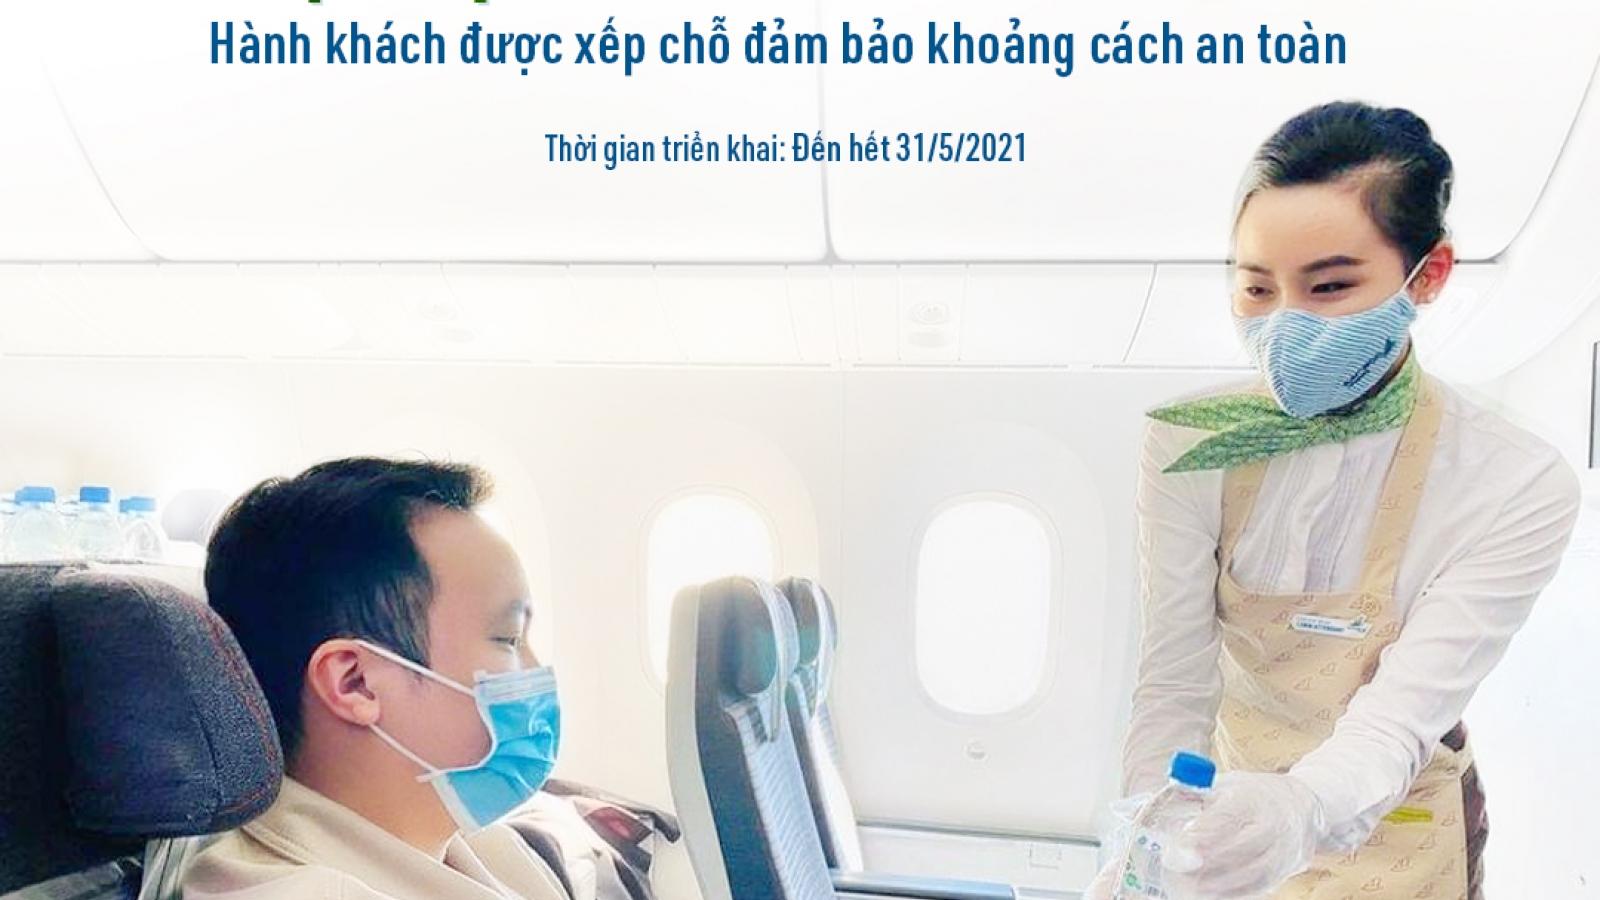 Bamboo Airways bay đúng giờ, ít chậm hủy chuyến nhất 6 tháng đầu năm